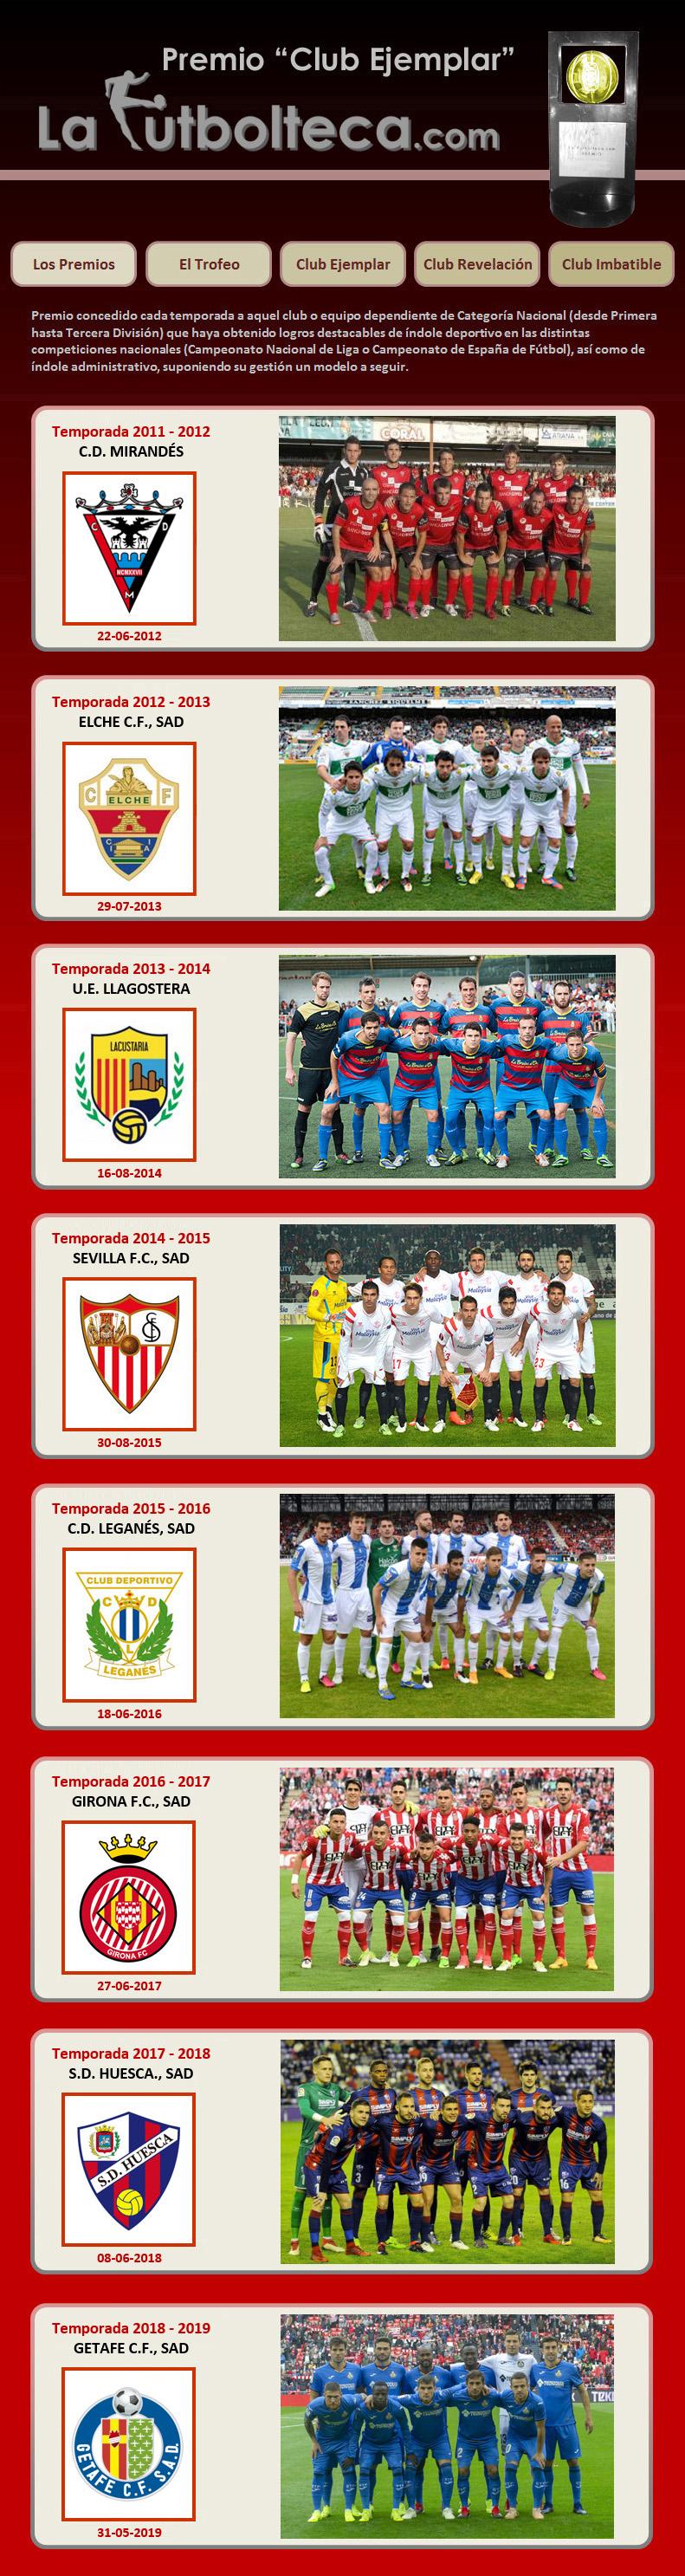 Premio Nacional La Futbolteca Club Ejemplar